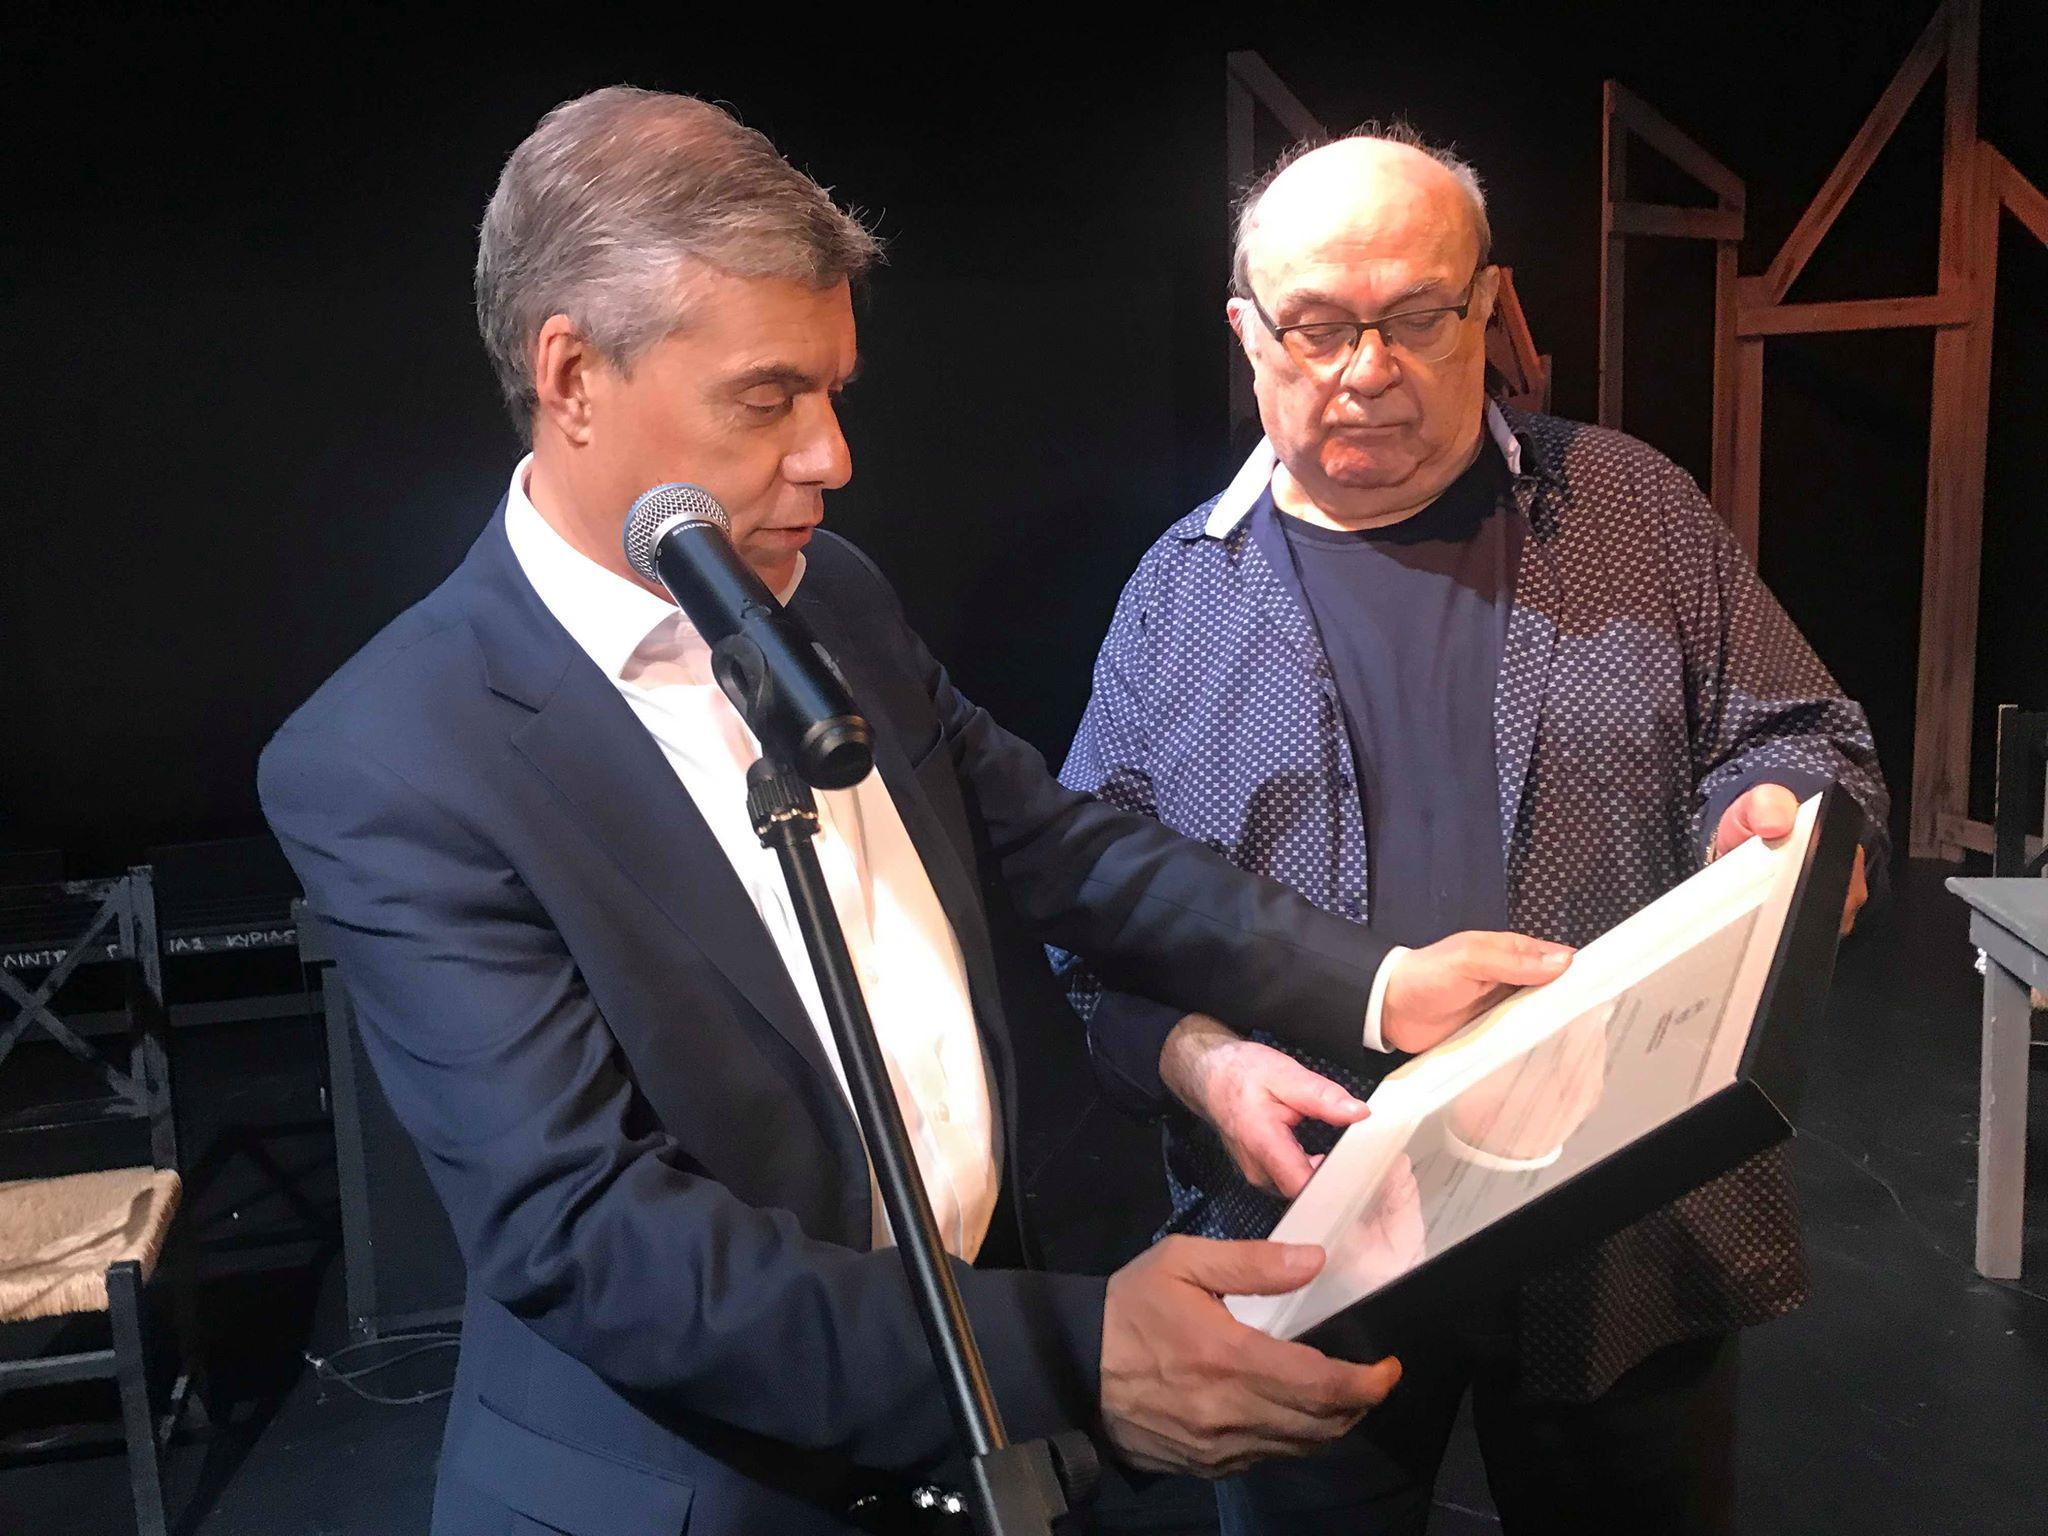 Βράβευσαν τον Κώστα Τσιάνο για την προσφορά του στην τέχνη του θεάτρου (ΦΩΤΟ)